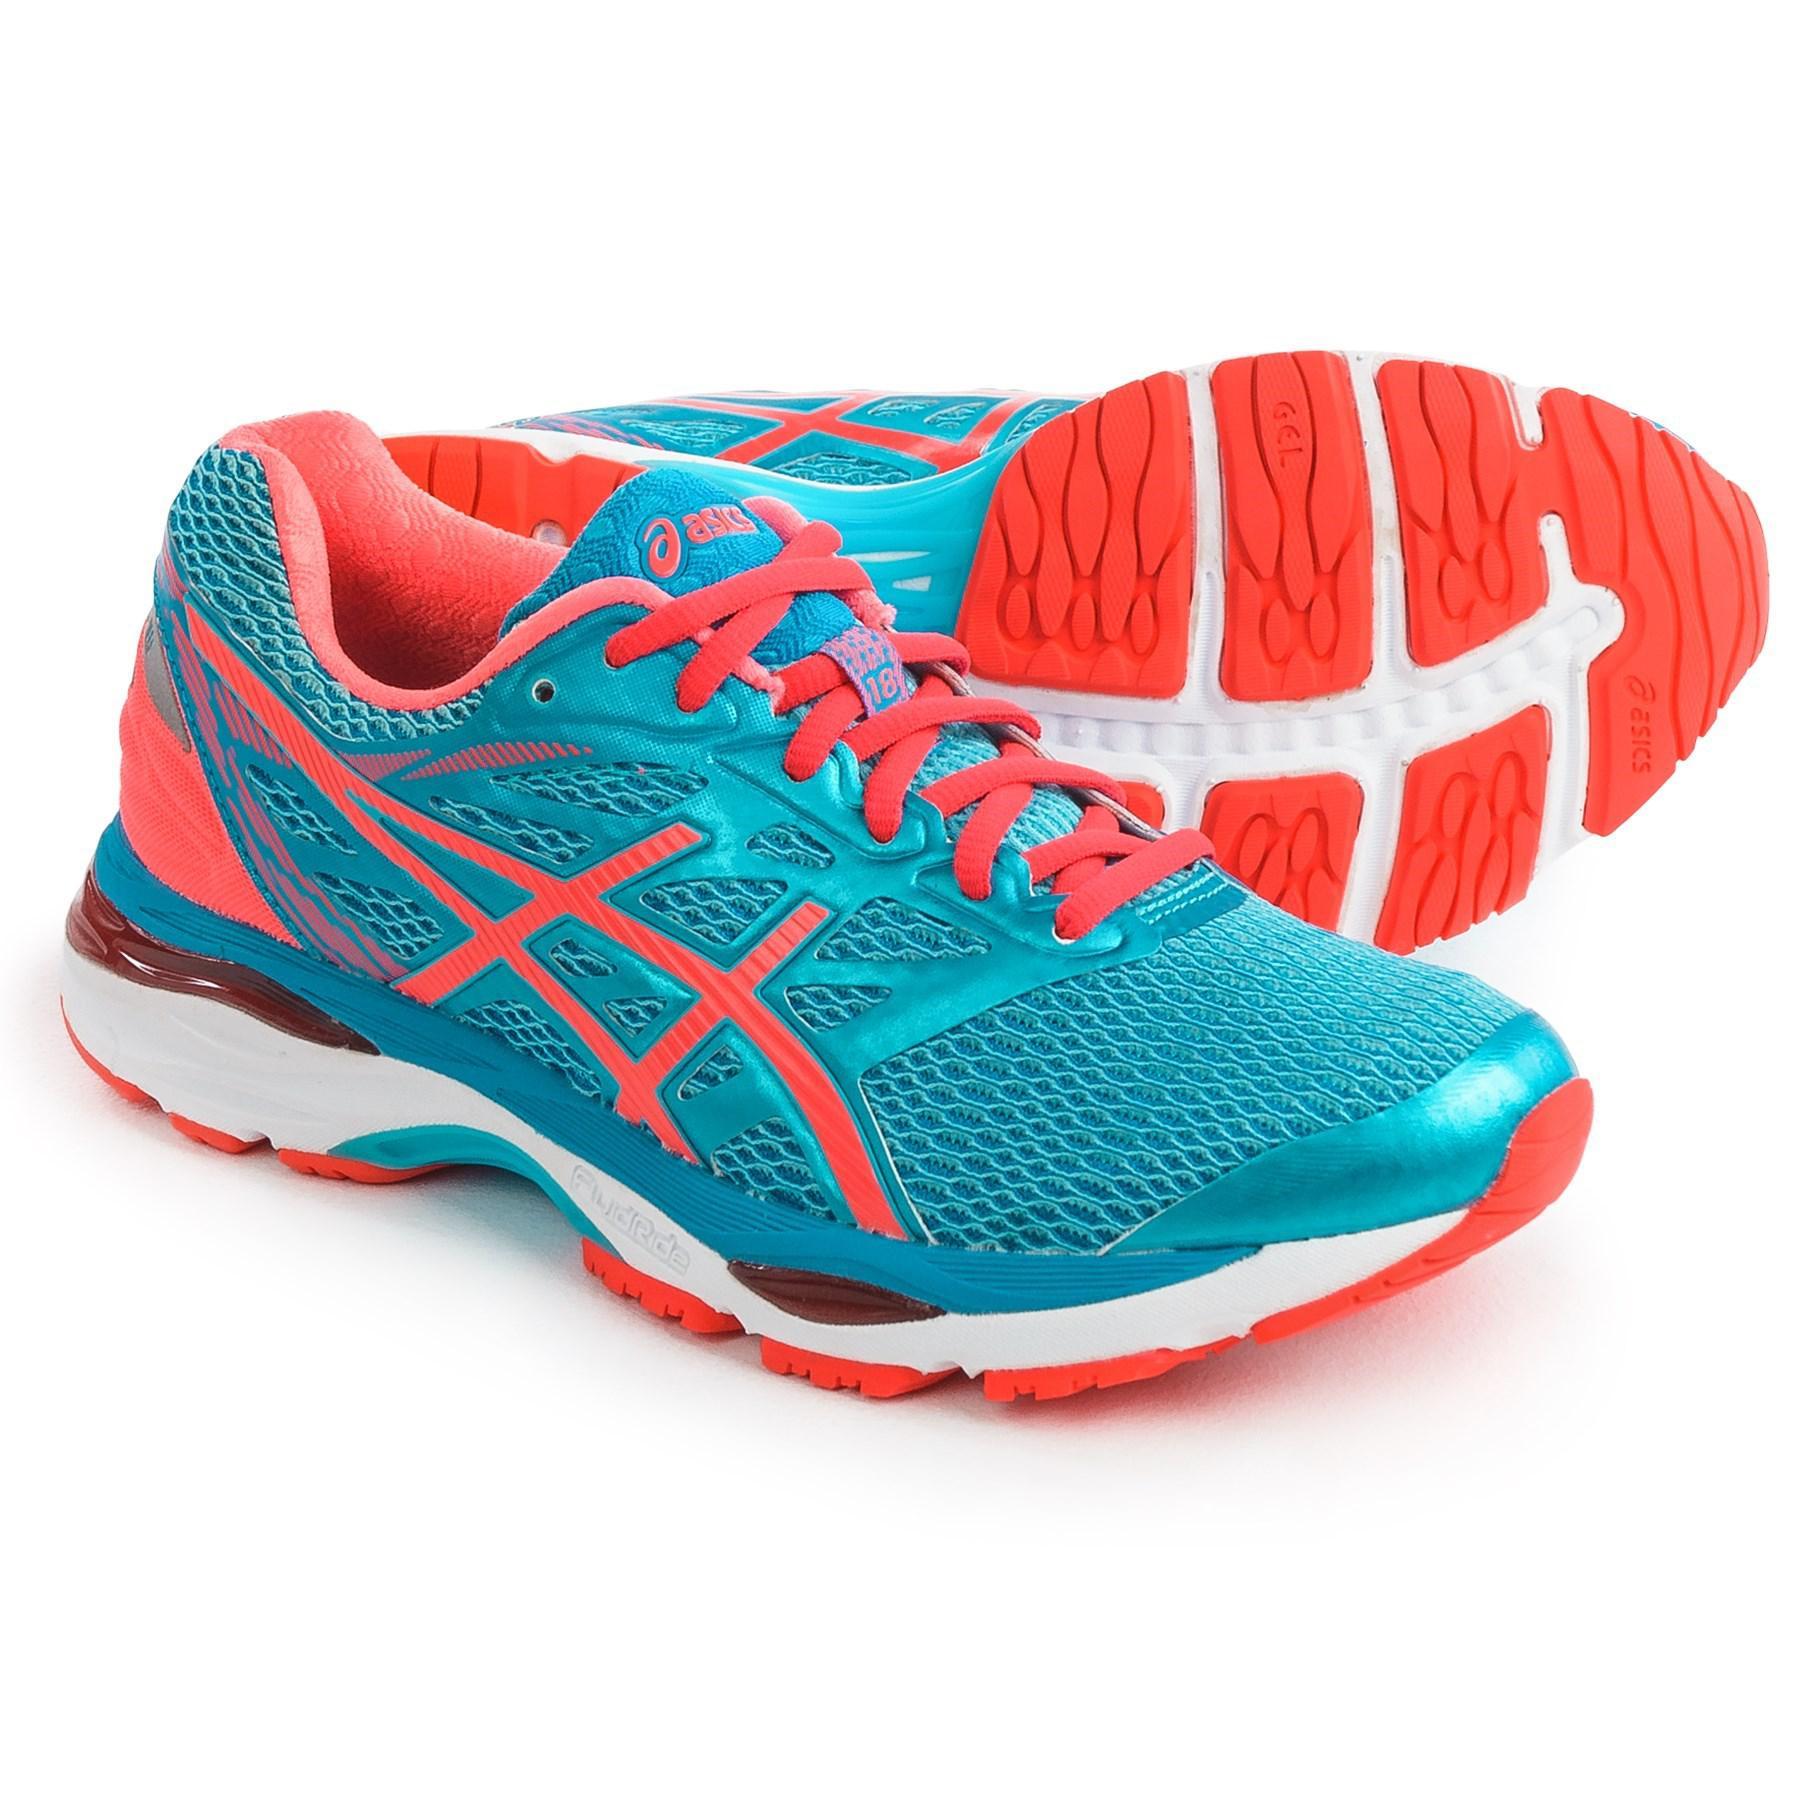 d9528838 Asics Blue Gel-cumulus 18 Running Shoes (for Women)